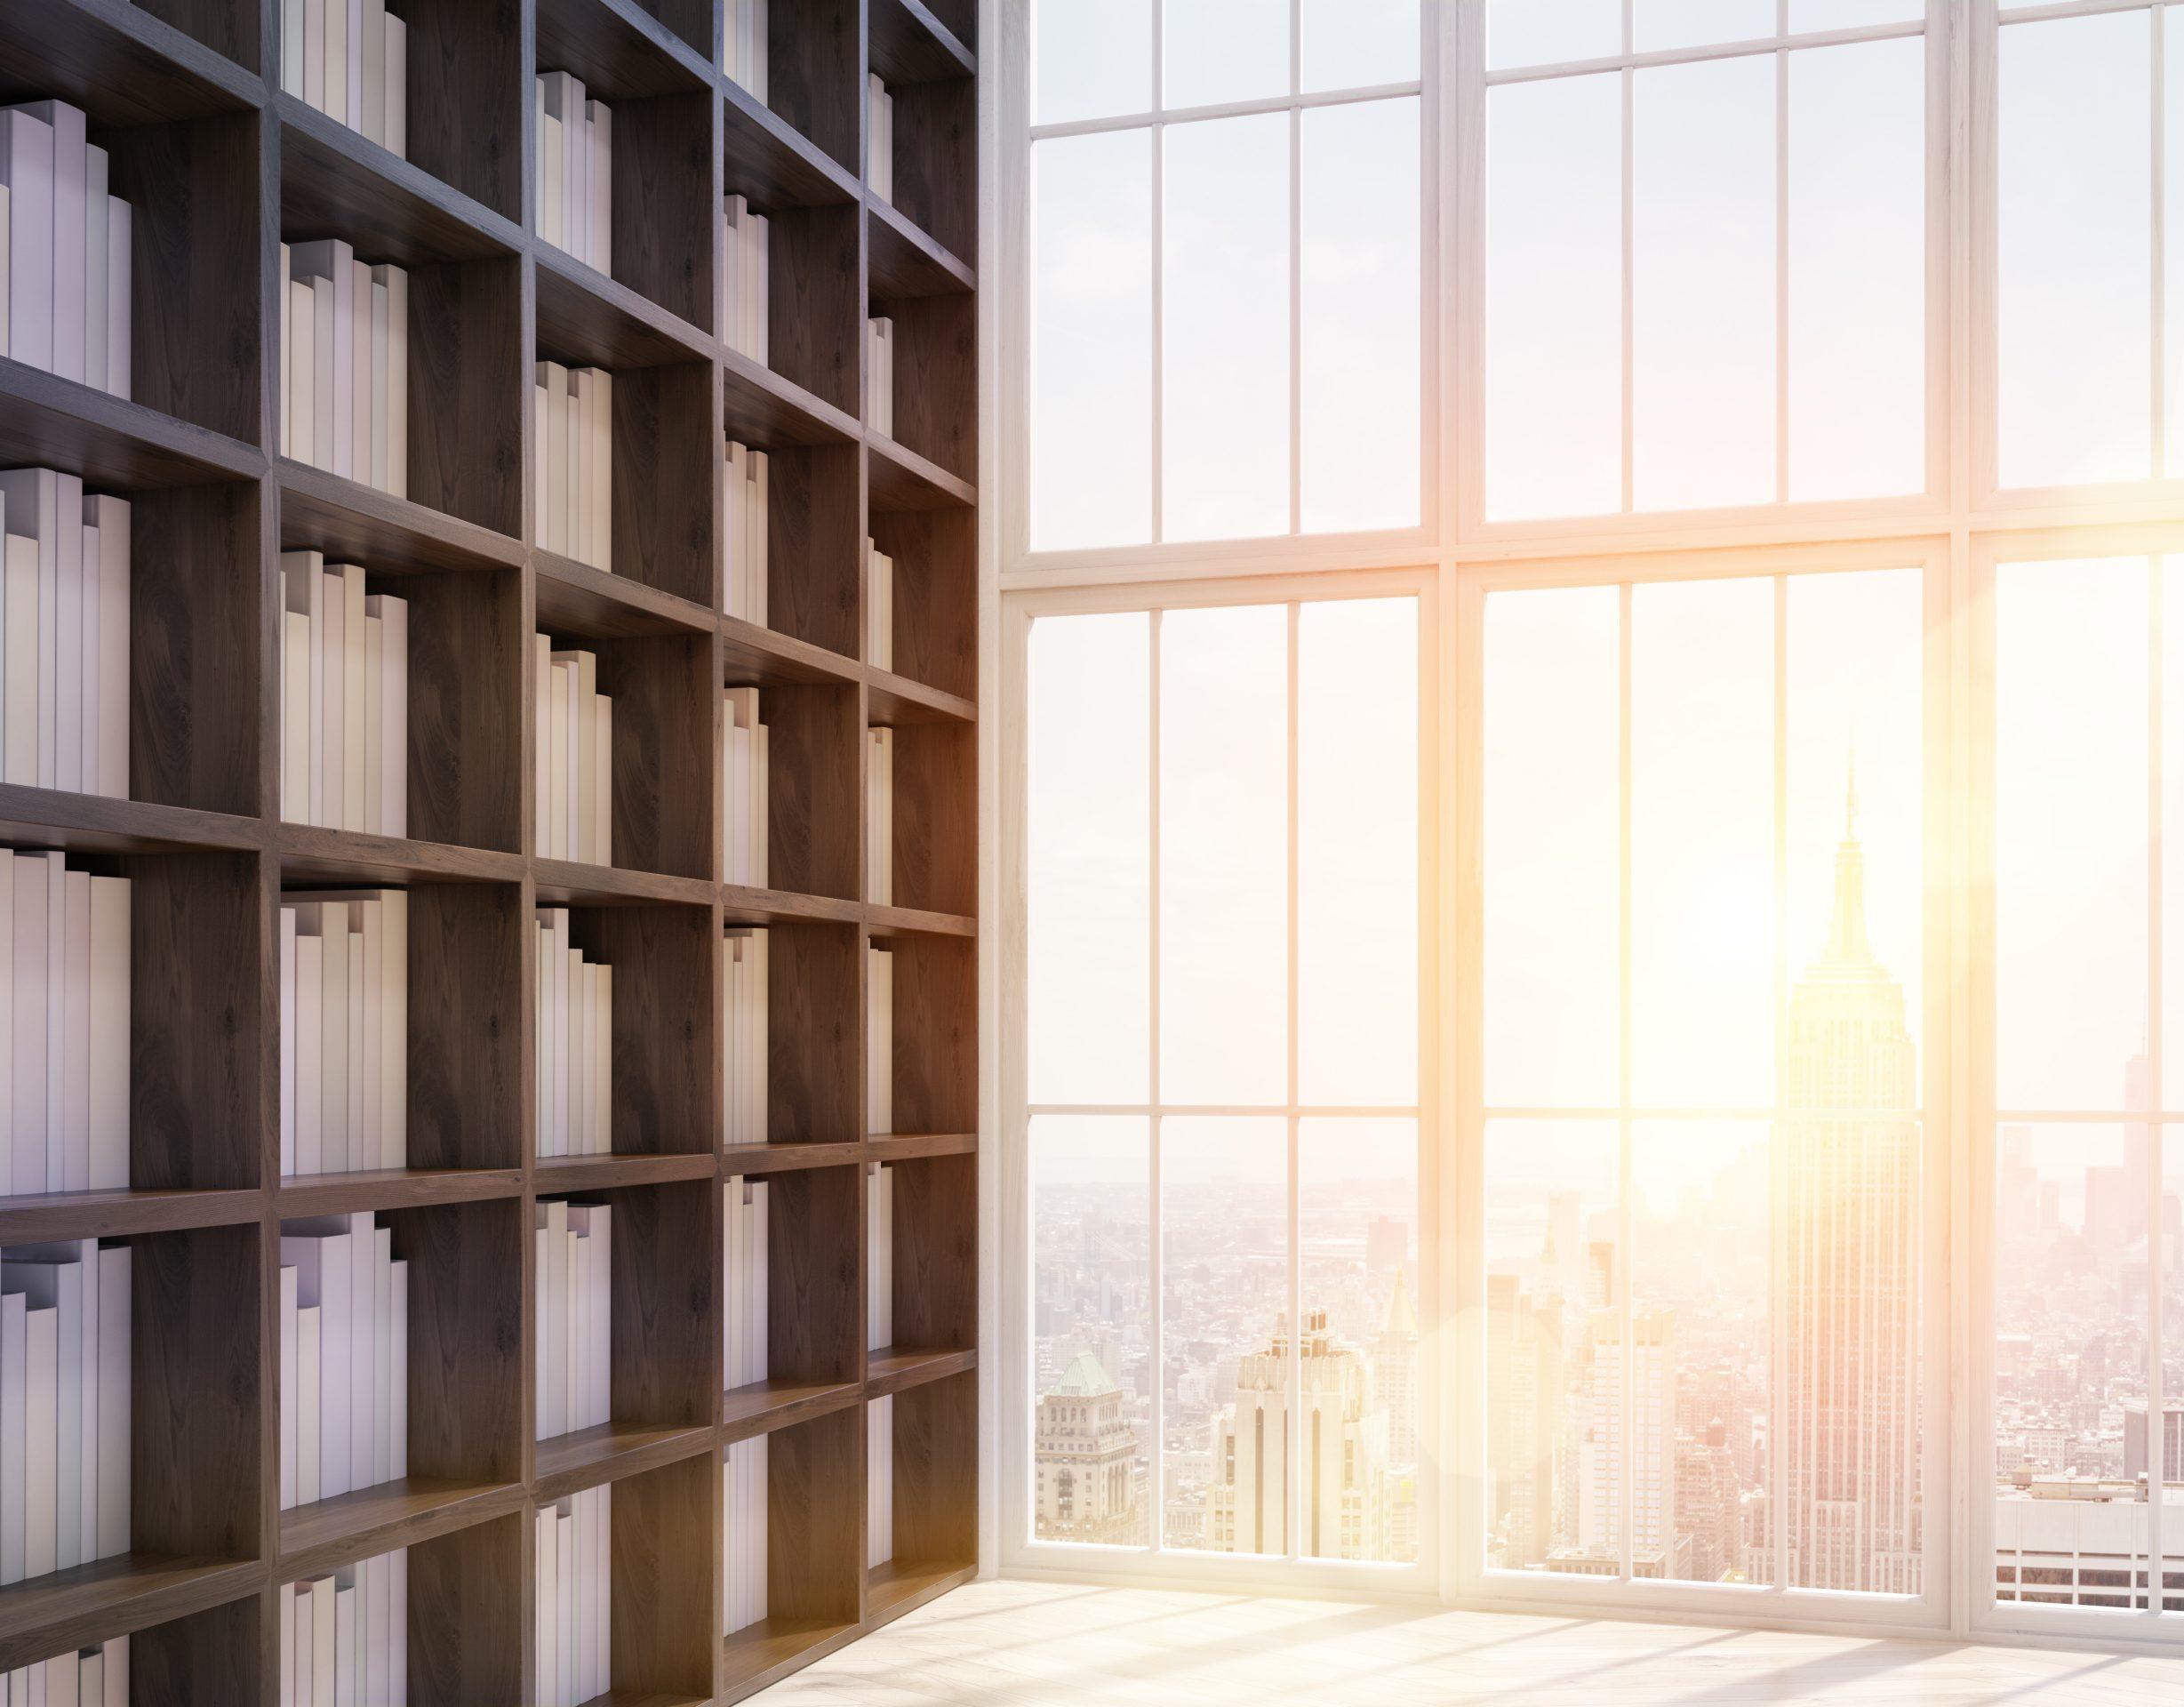 Bibliotheken, Archive und Musikschulen: Bücherregal steht vor einer Fensterfront.